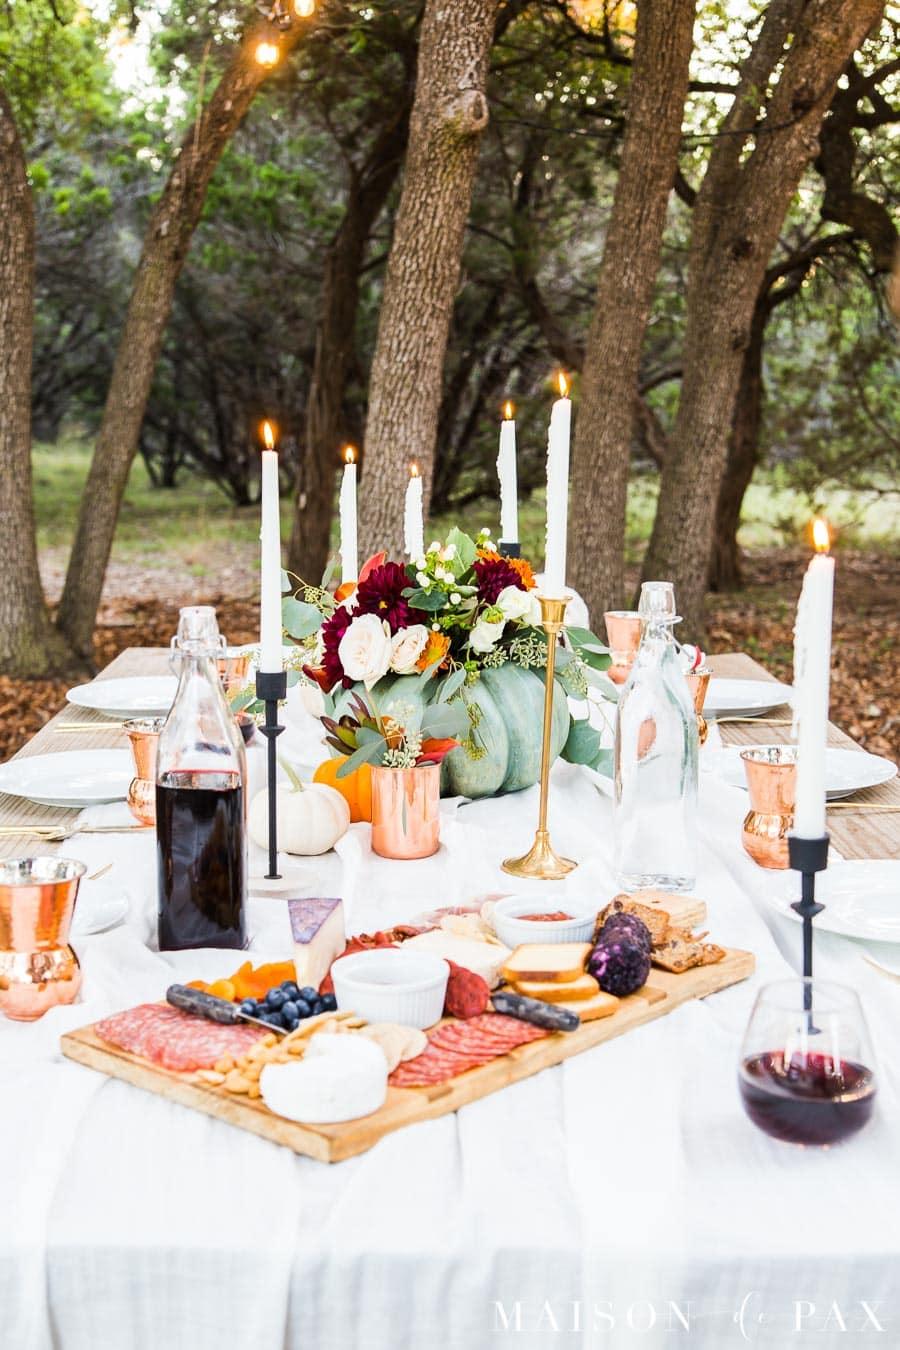 Outdoor Friendsgiving Table Decorating Ideas Maison De Pax